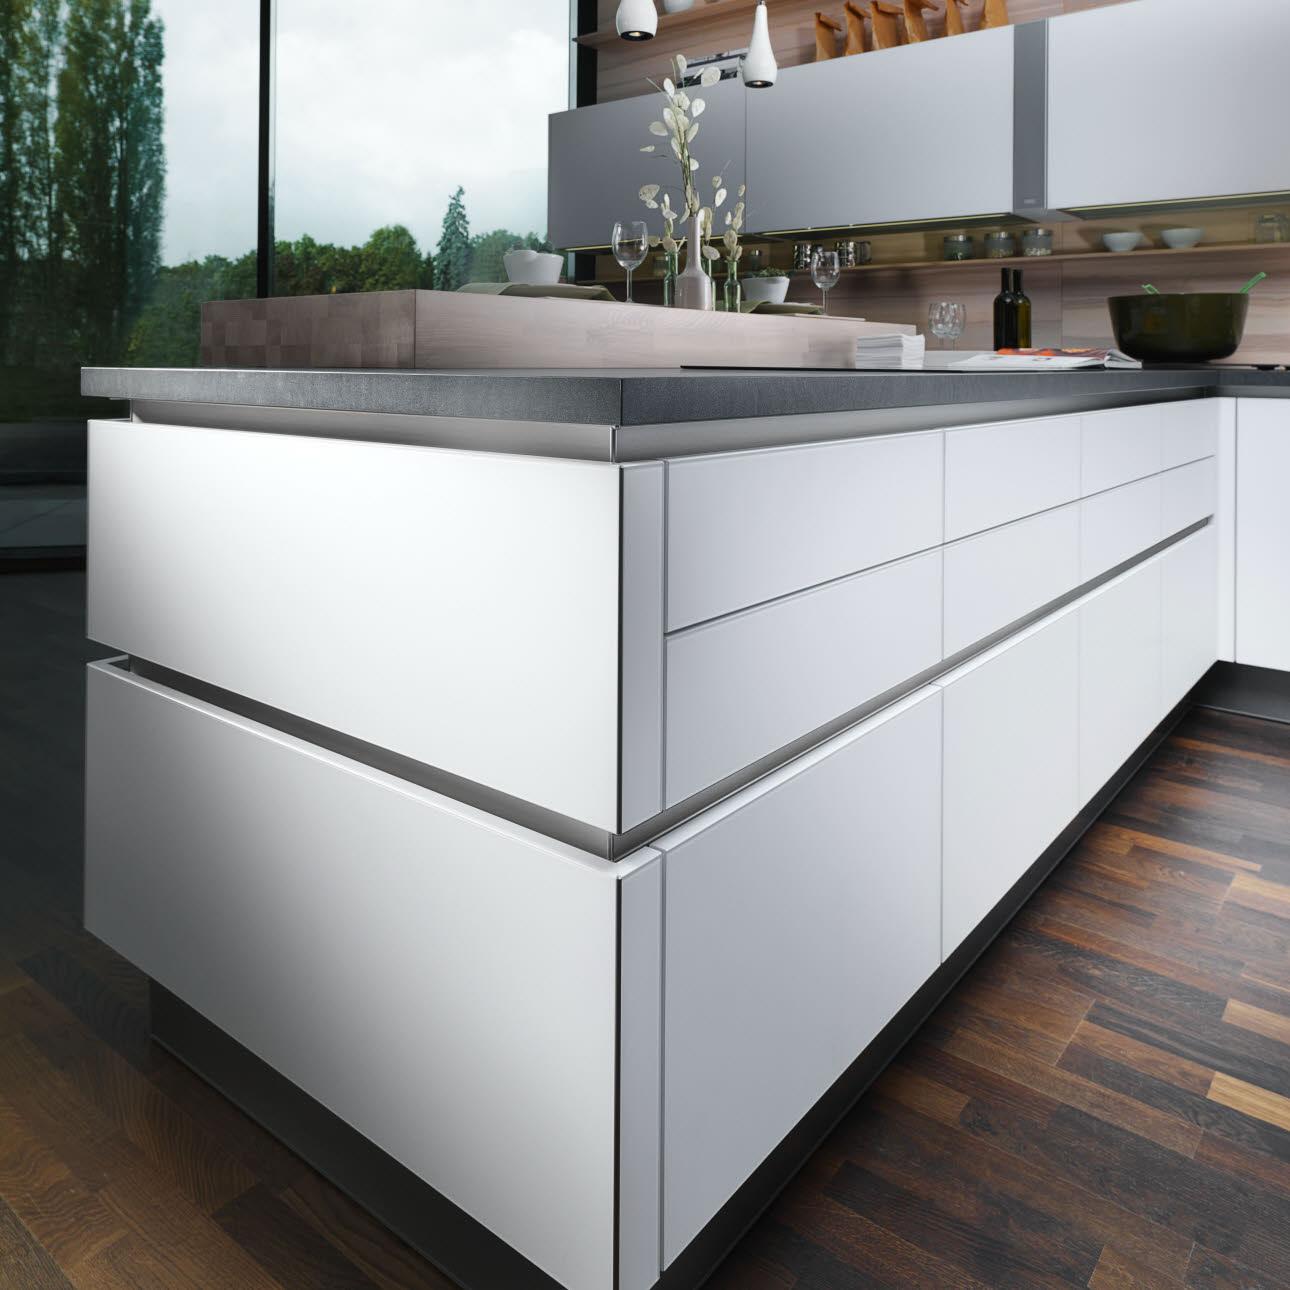 zubeh r und ausstattungsdetails k che ewe. Black Bedroom Furniture Sets. Home Design Ideas